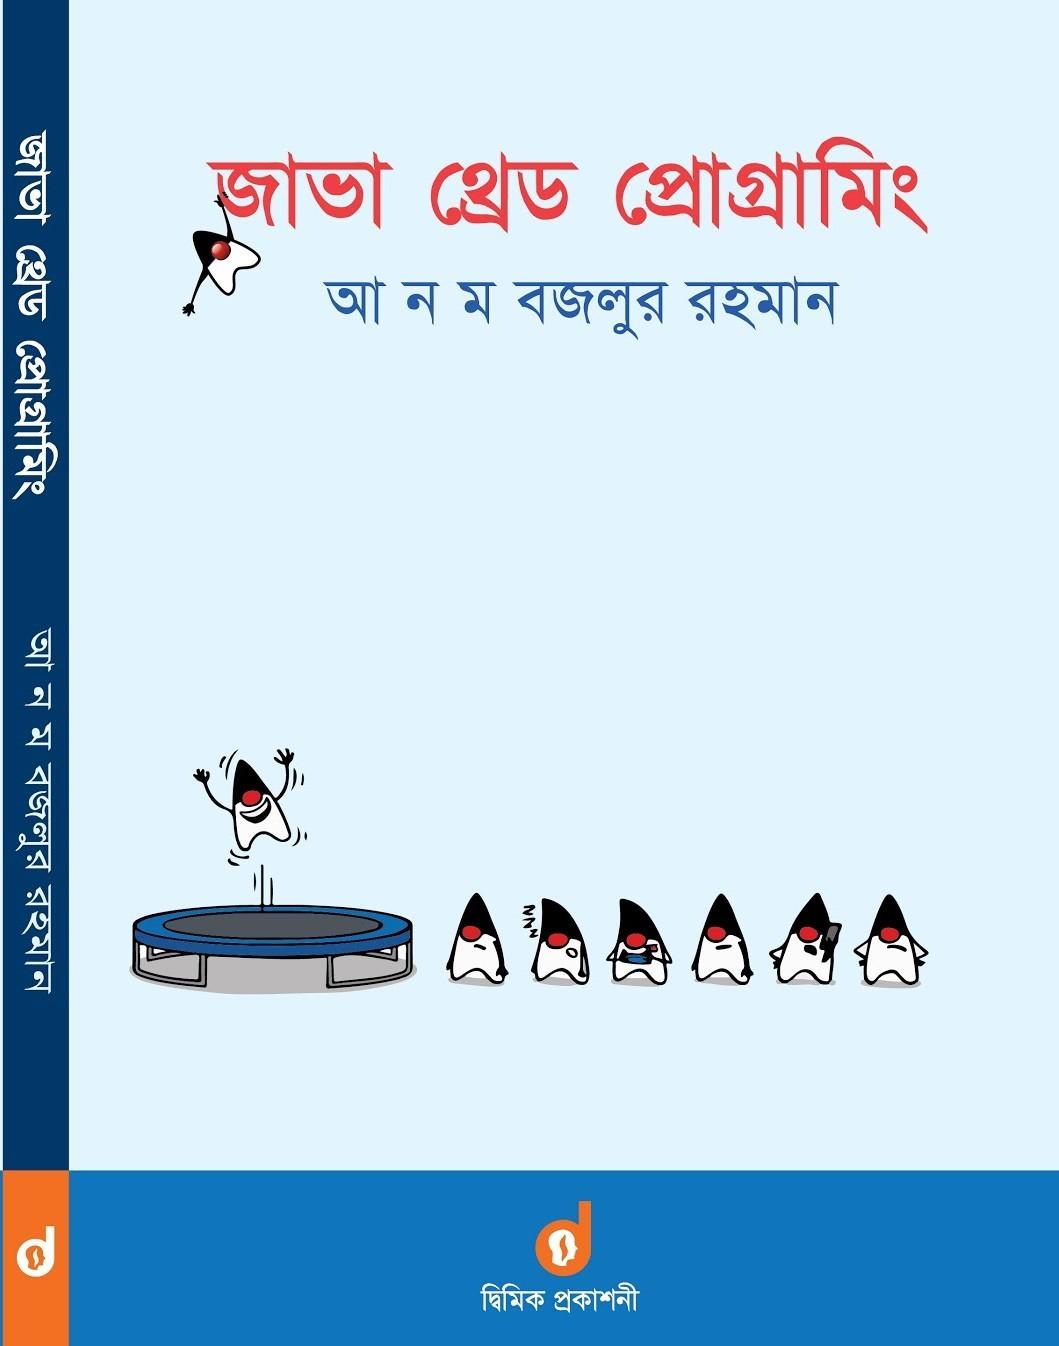 জাভা থ্রেড প্রোগ্রামিং  by  A.N.M. Bazlur Rahman